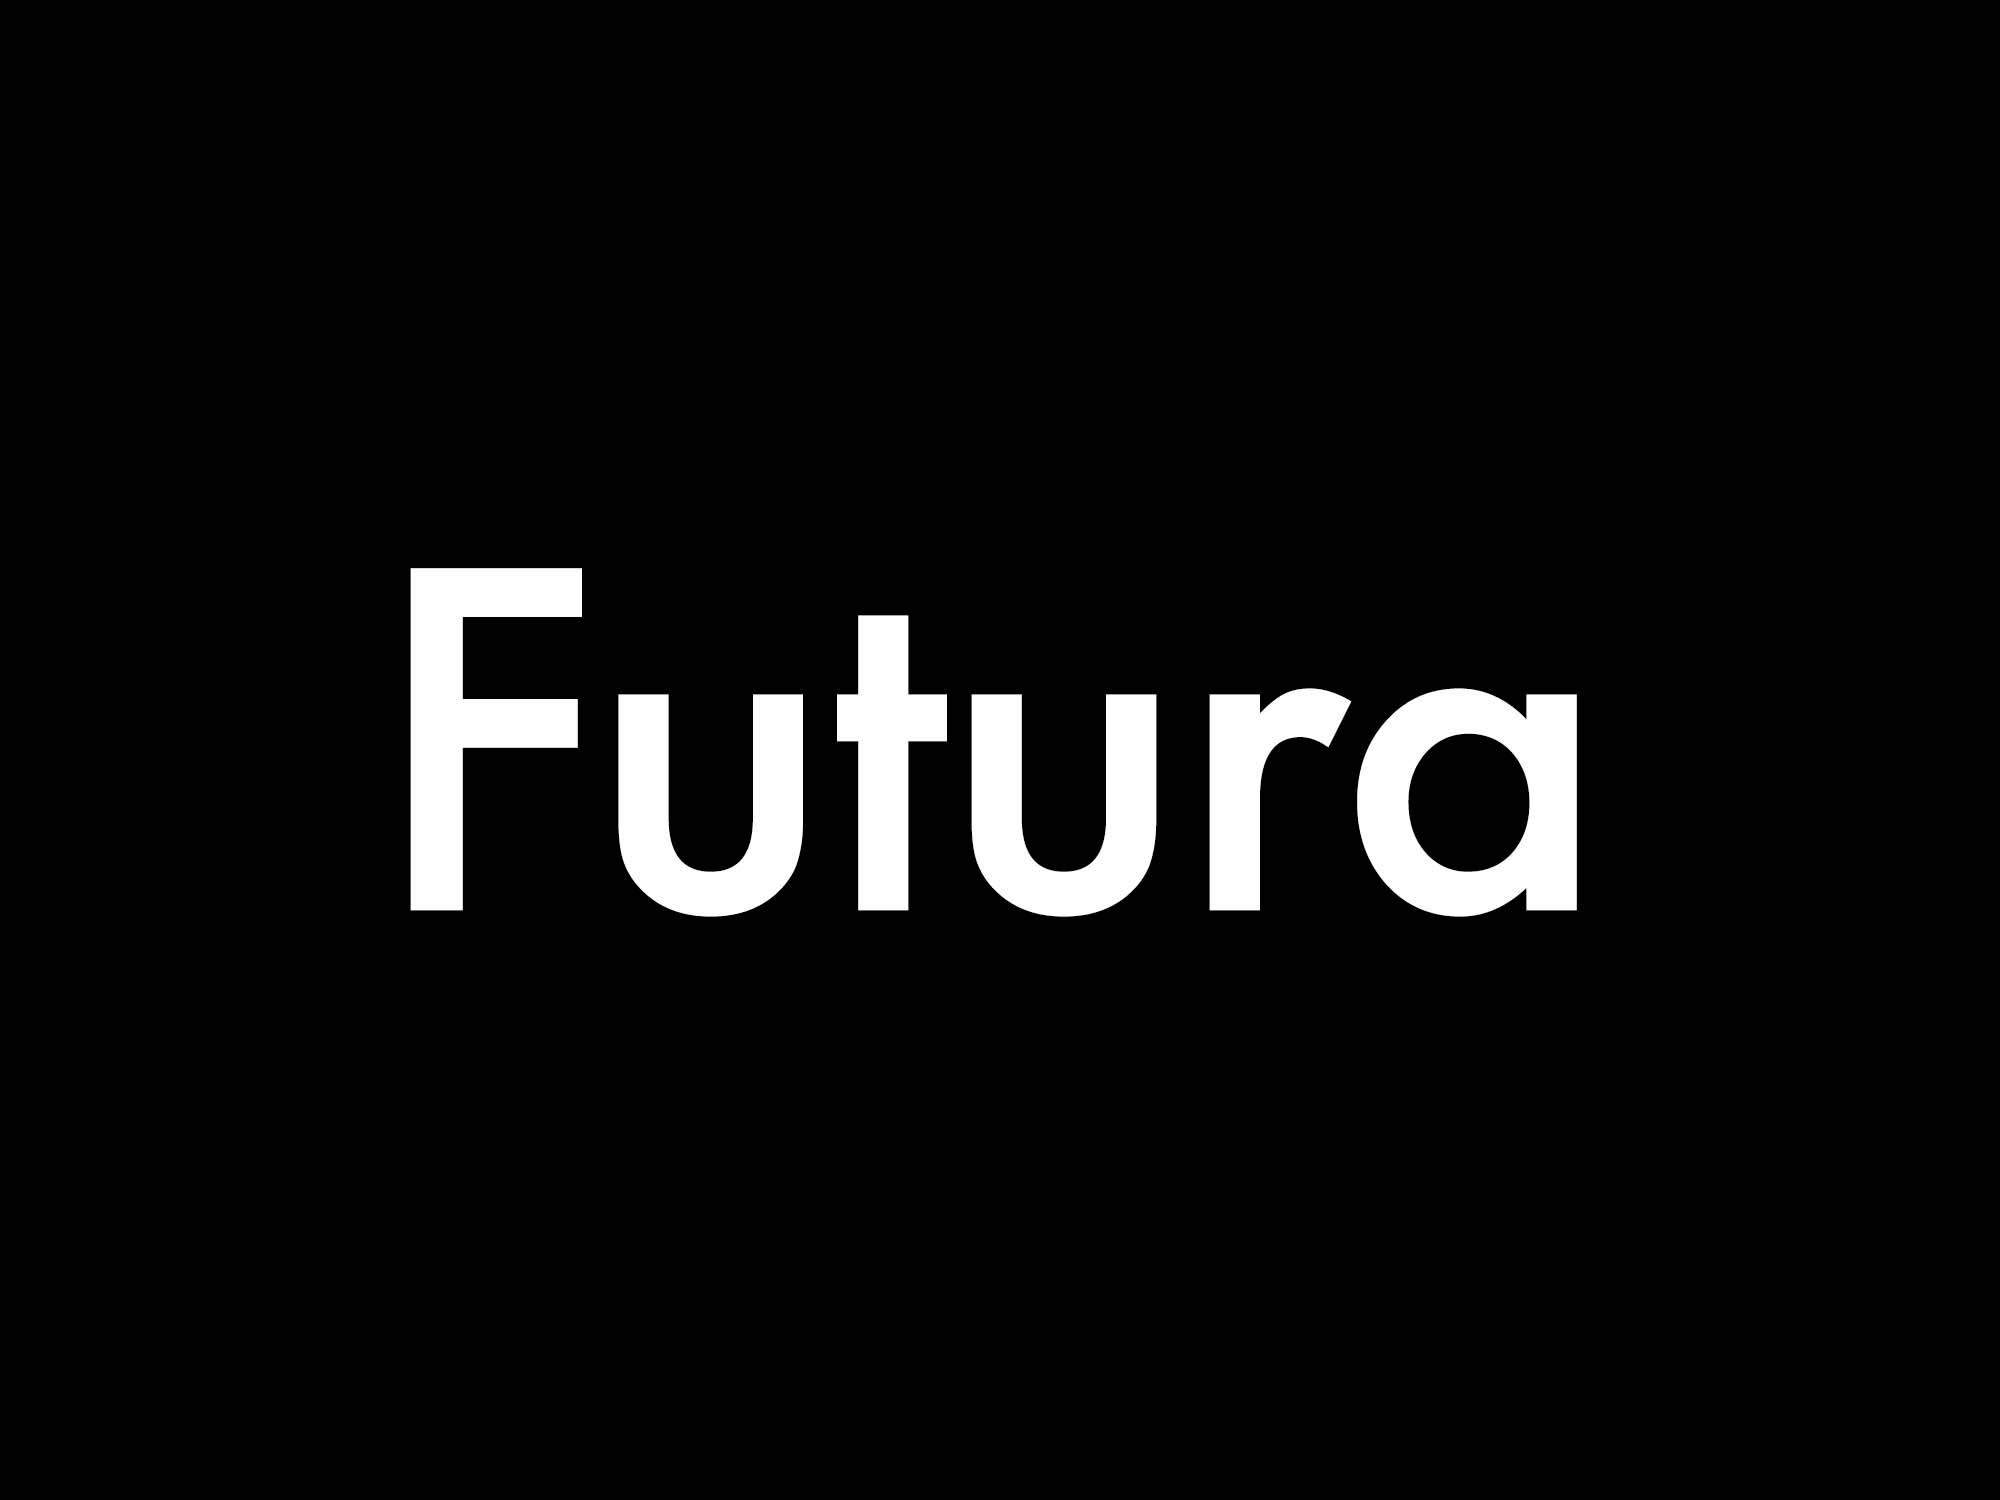 Futura Sans Serif Font